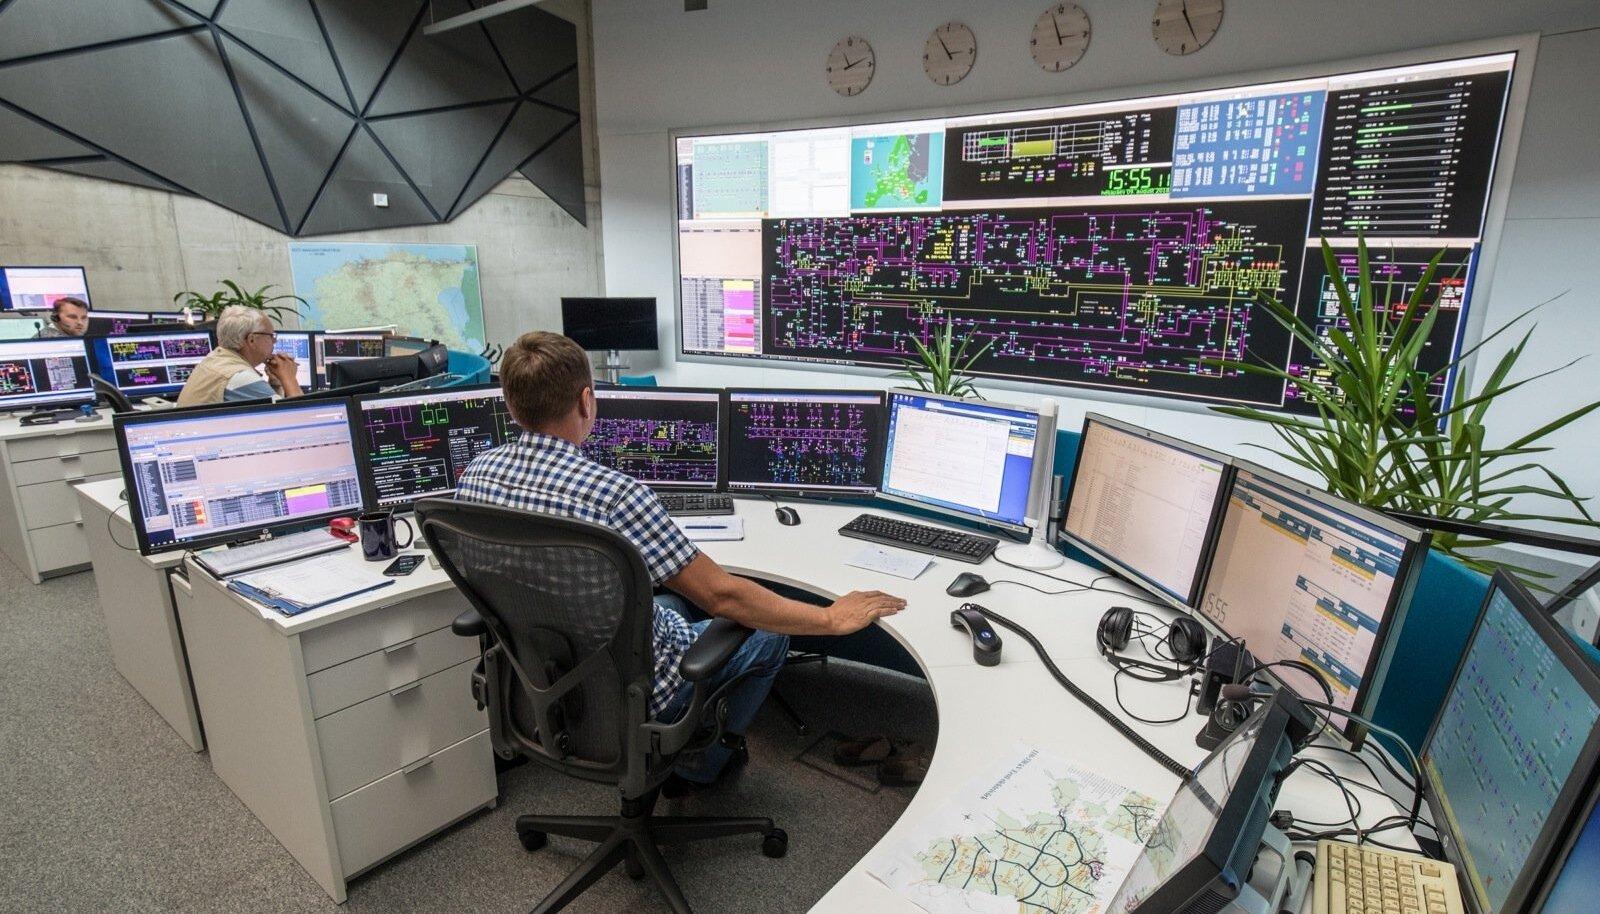 Eleringi juhtimiskeskuses jälgitakse katsetuse ajal, kas Eesti on võimeline toimima eraldi nn elektrisaarena, kus pole vahelduvvooluühendust Euroopa ega Venemaaga.